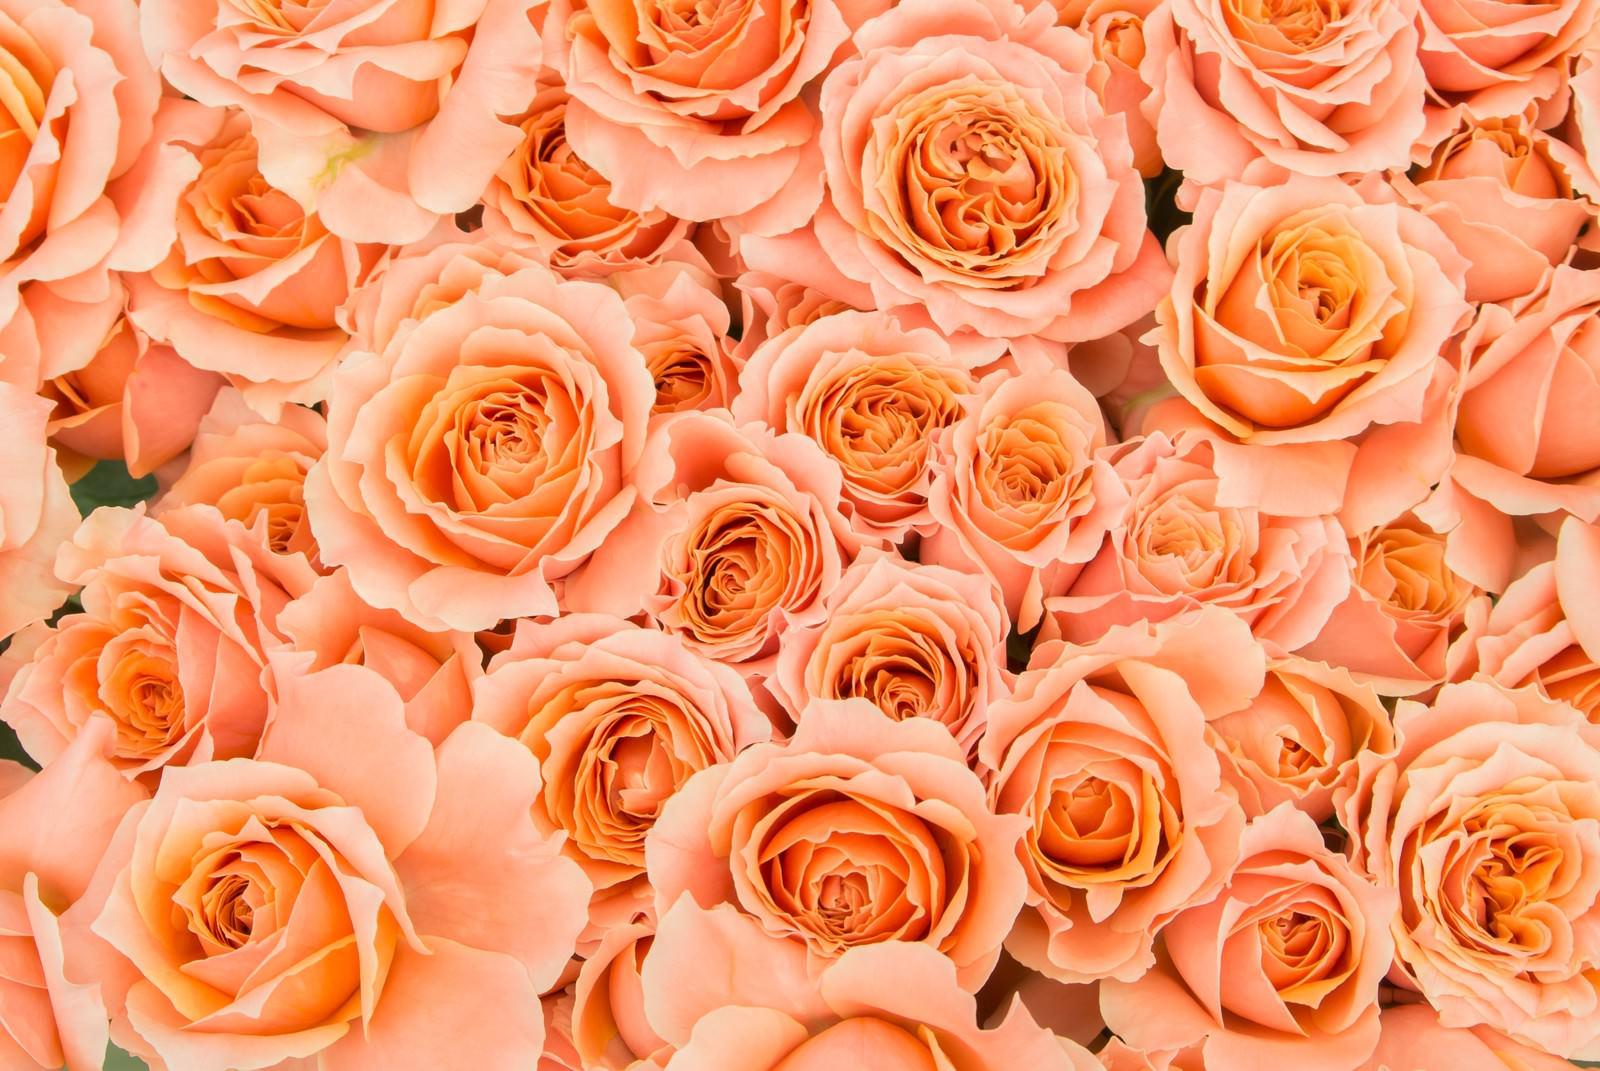 「オレンジのばらのテクスチャ」の写真